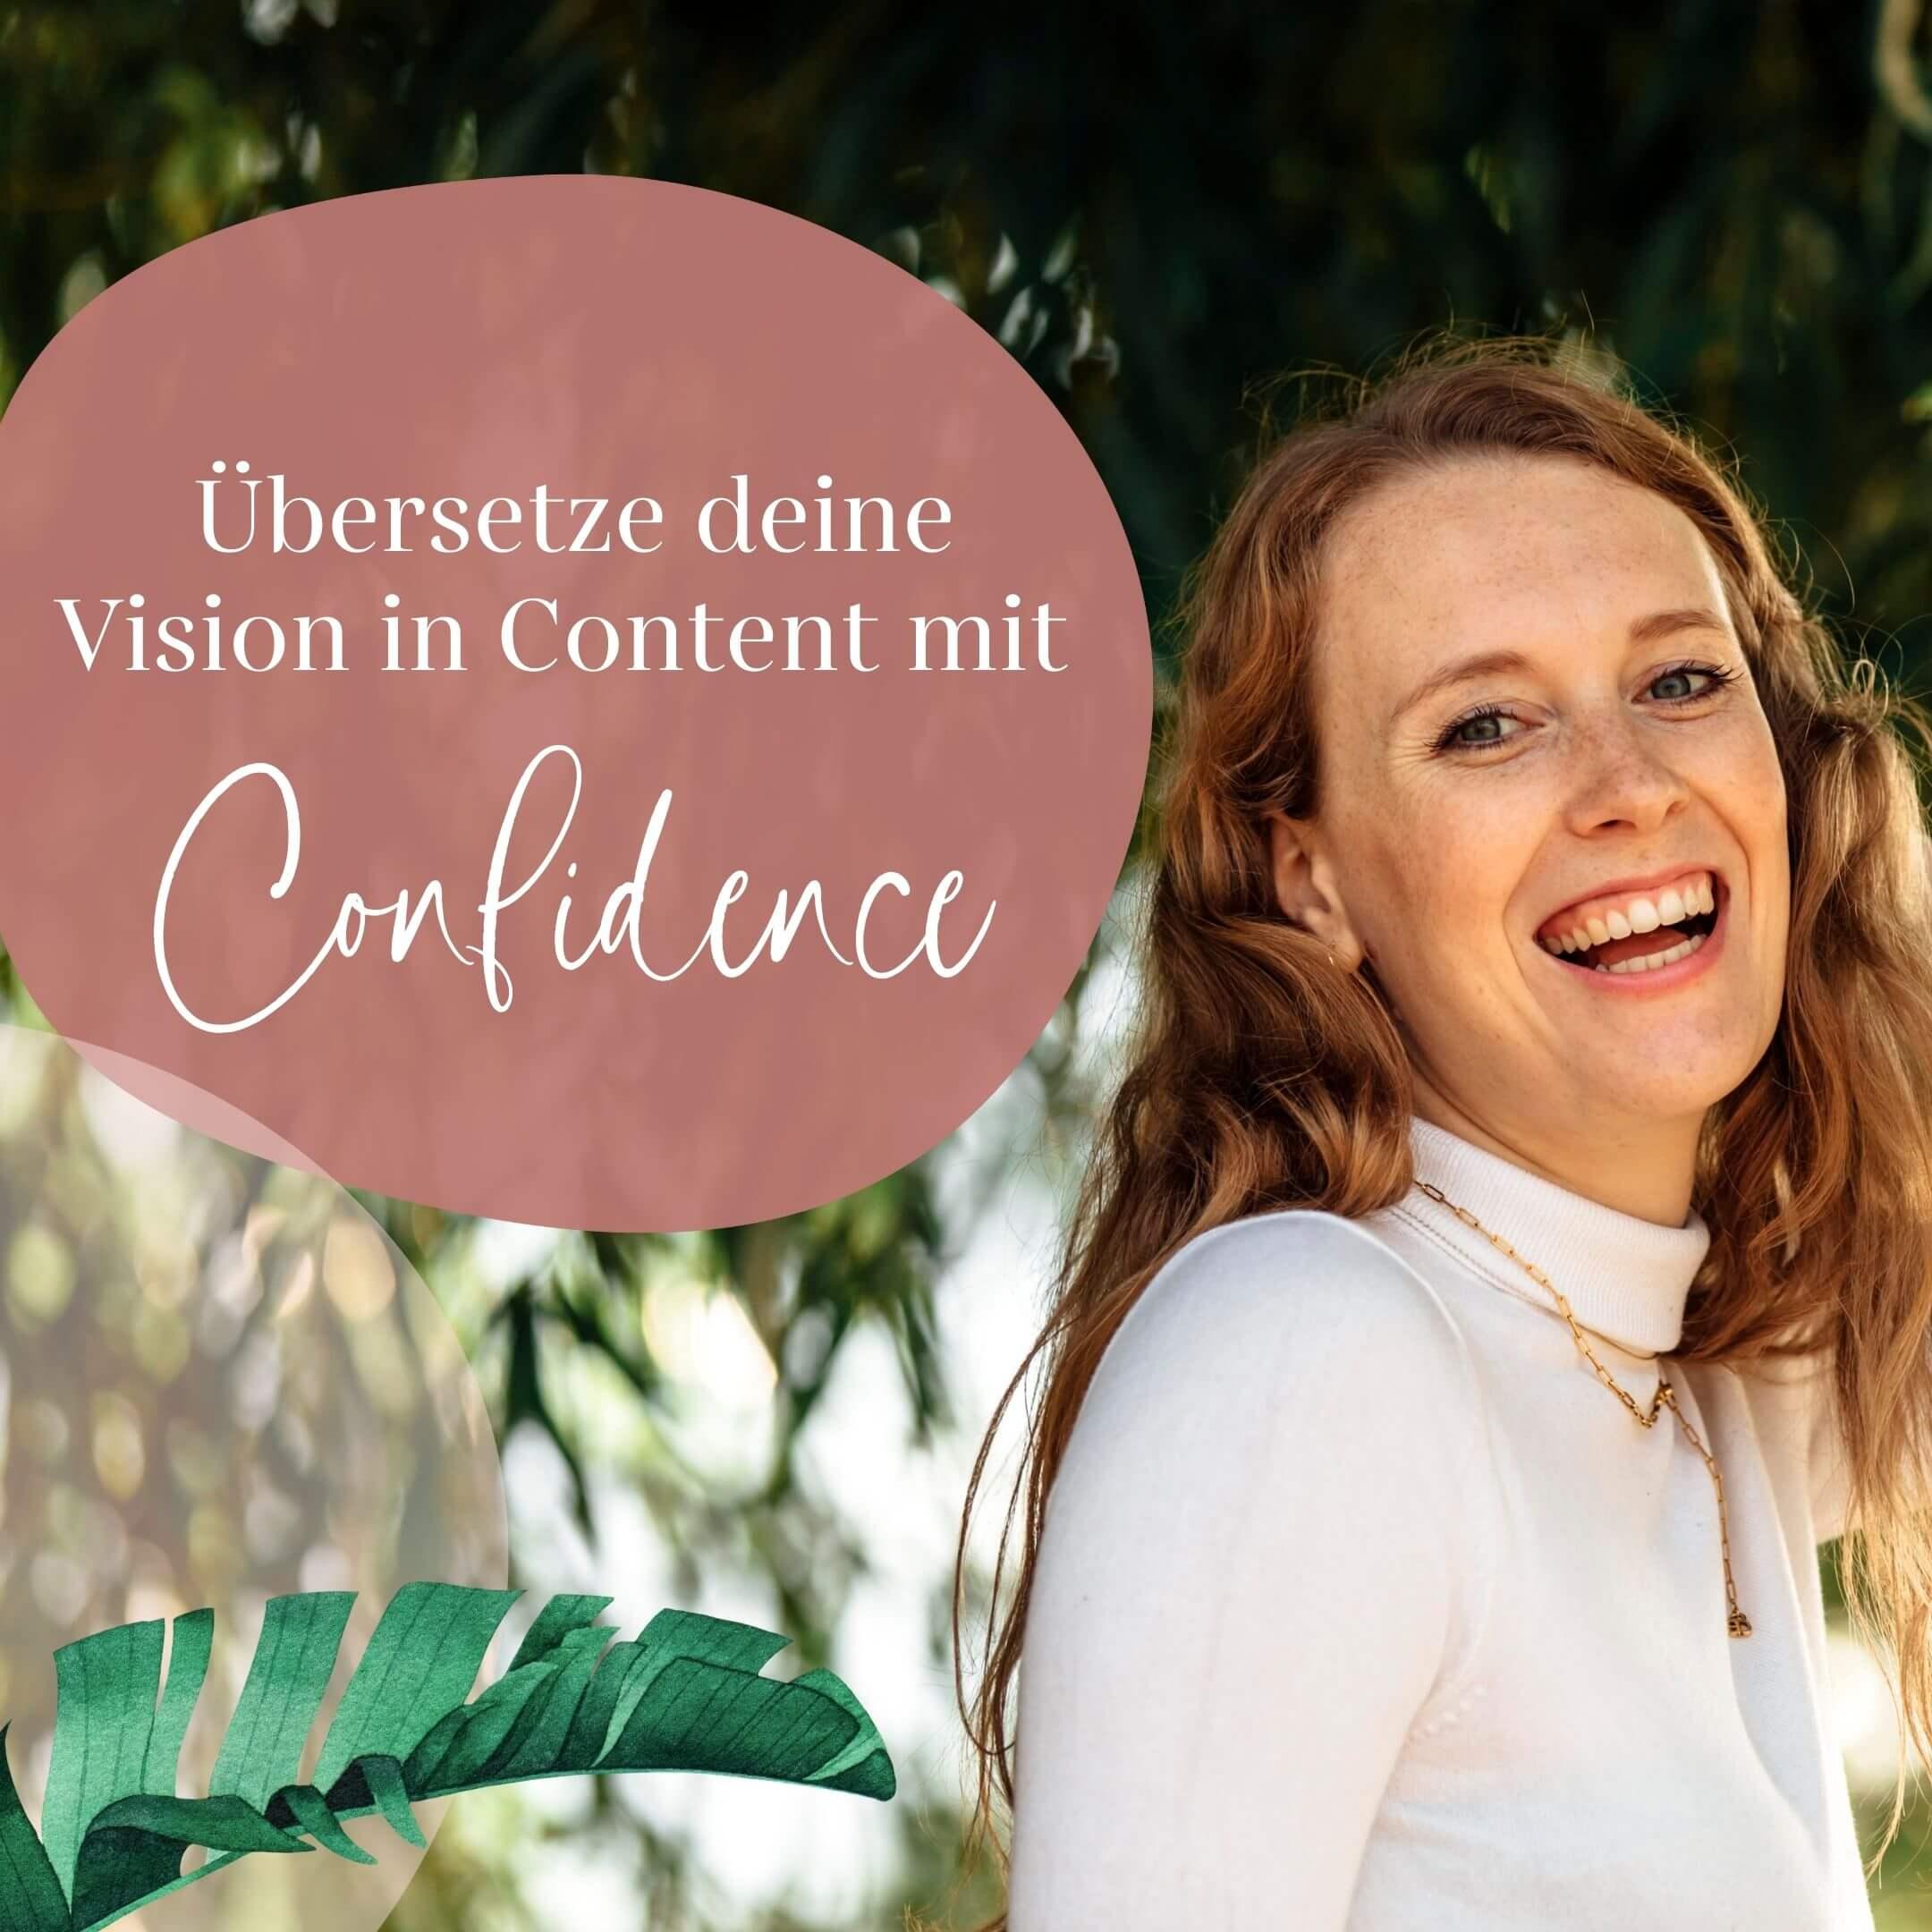 """Titelbild mit dem Text """"Übersetze deine Soulvision in Content mit Confidence"""""""